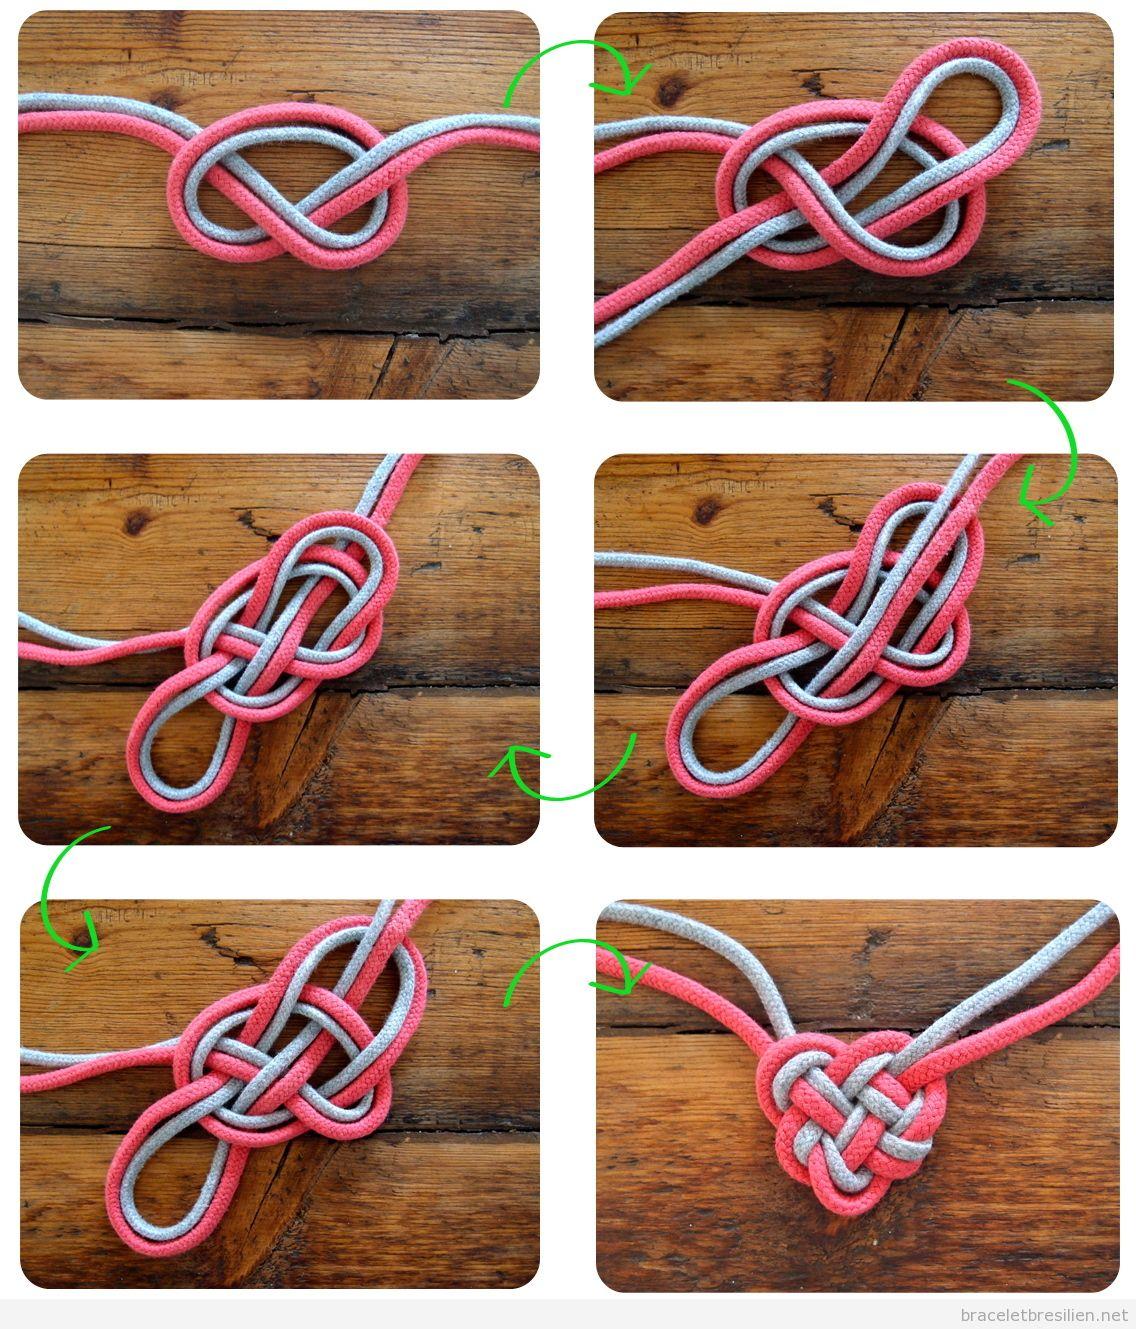 Bracelet ou collier coeur celtique fabriqué en cordes, tutoriel